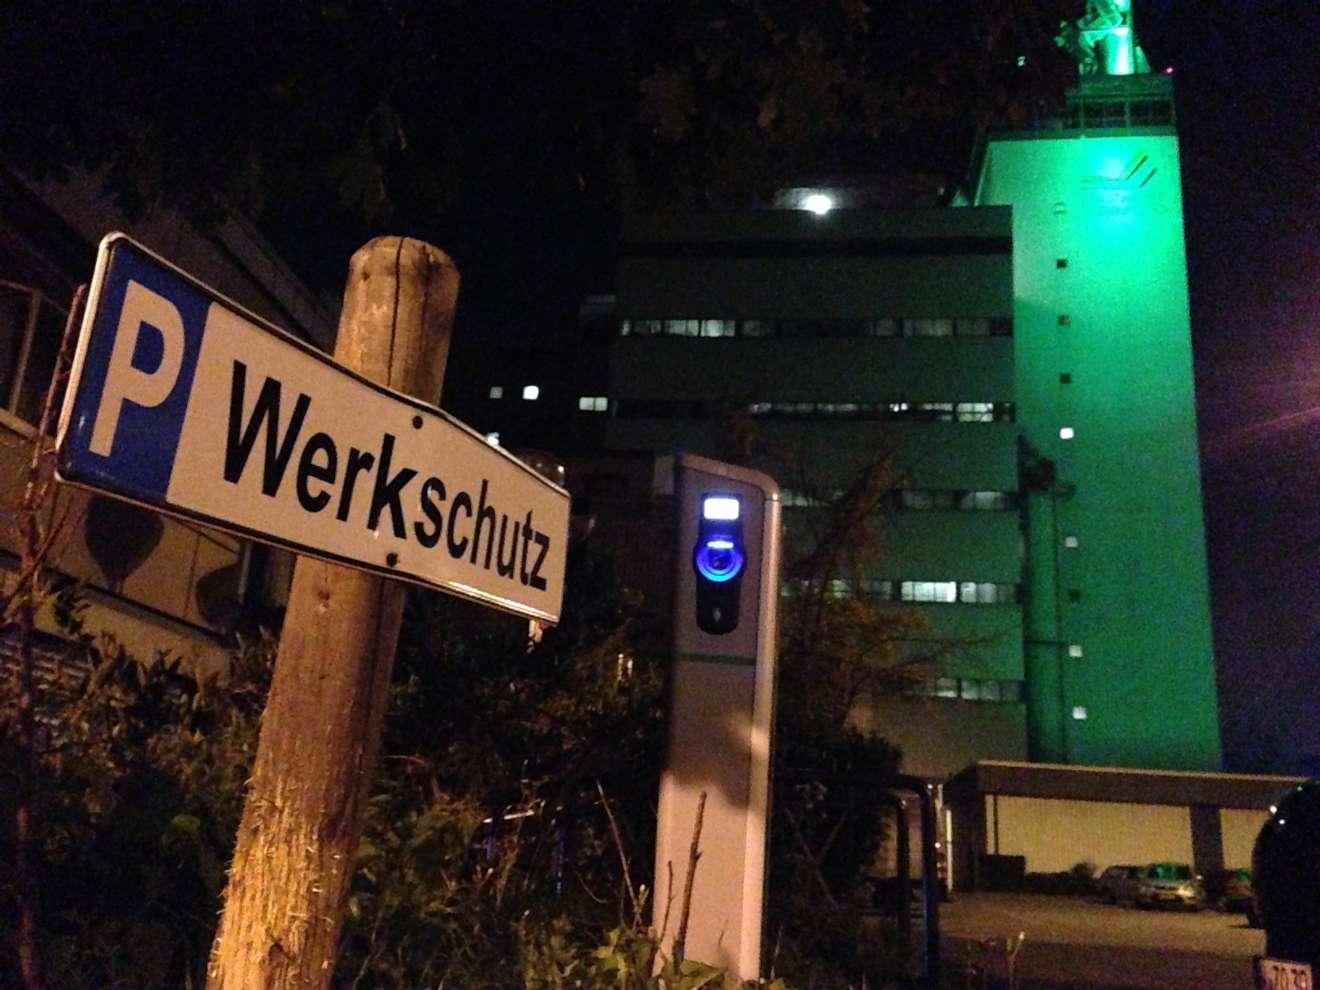 Stadtwerke_Duisburg_Kraftwerk